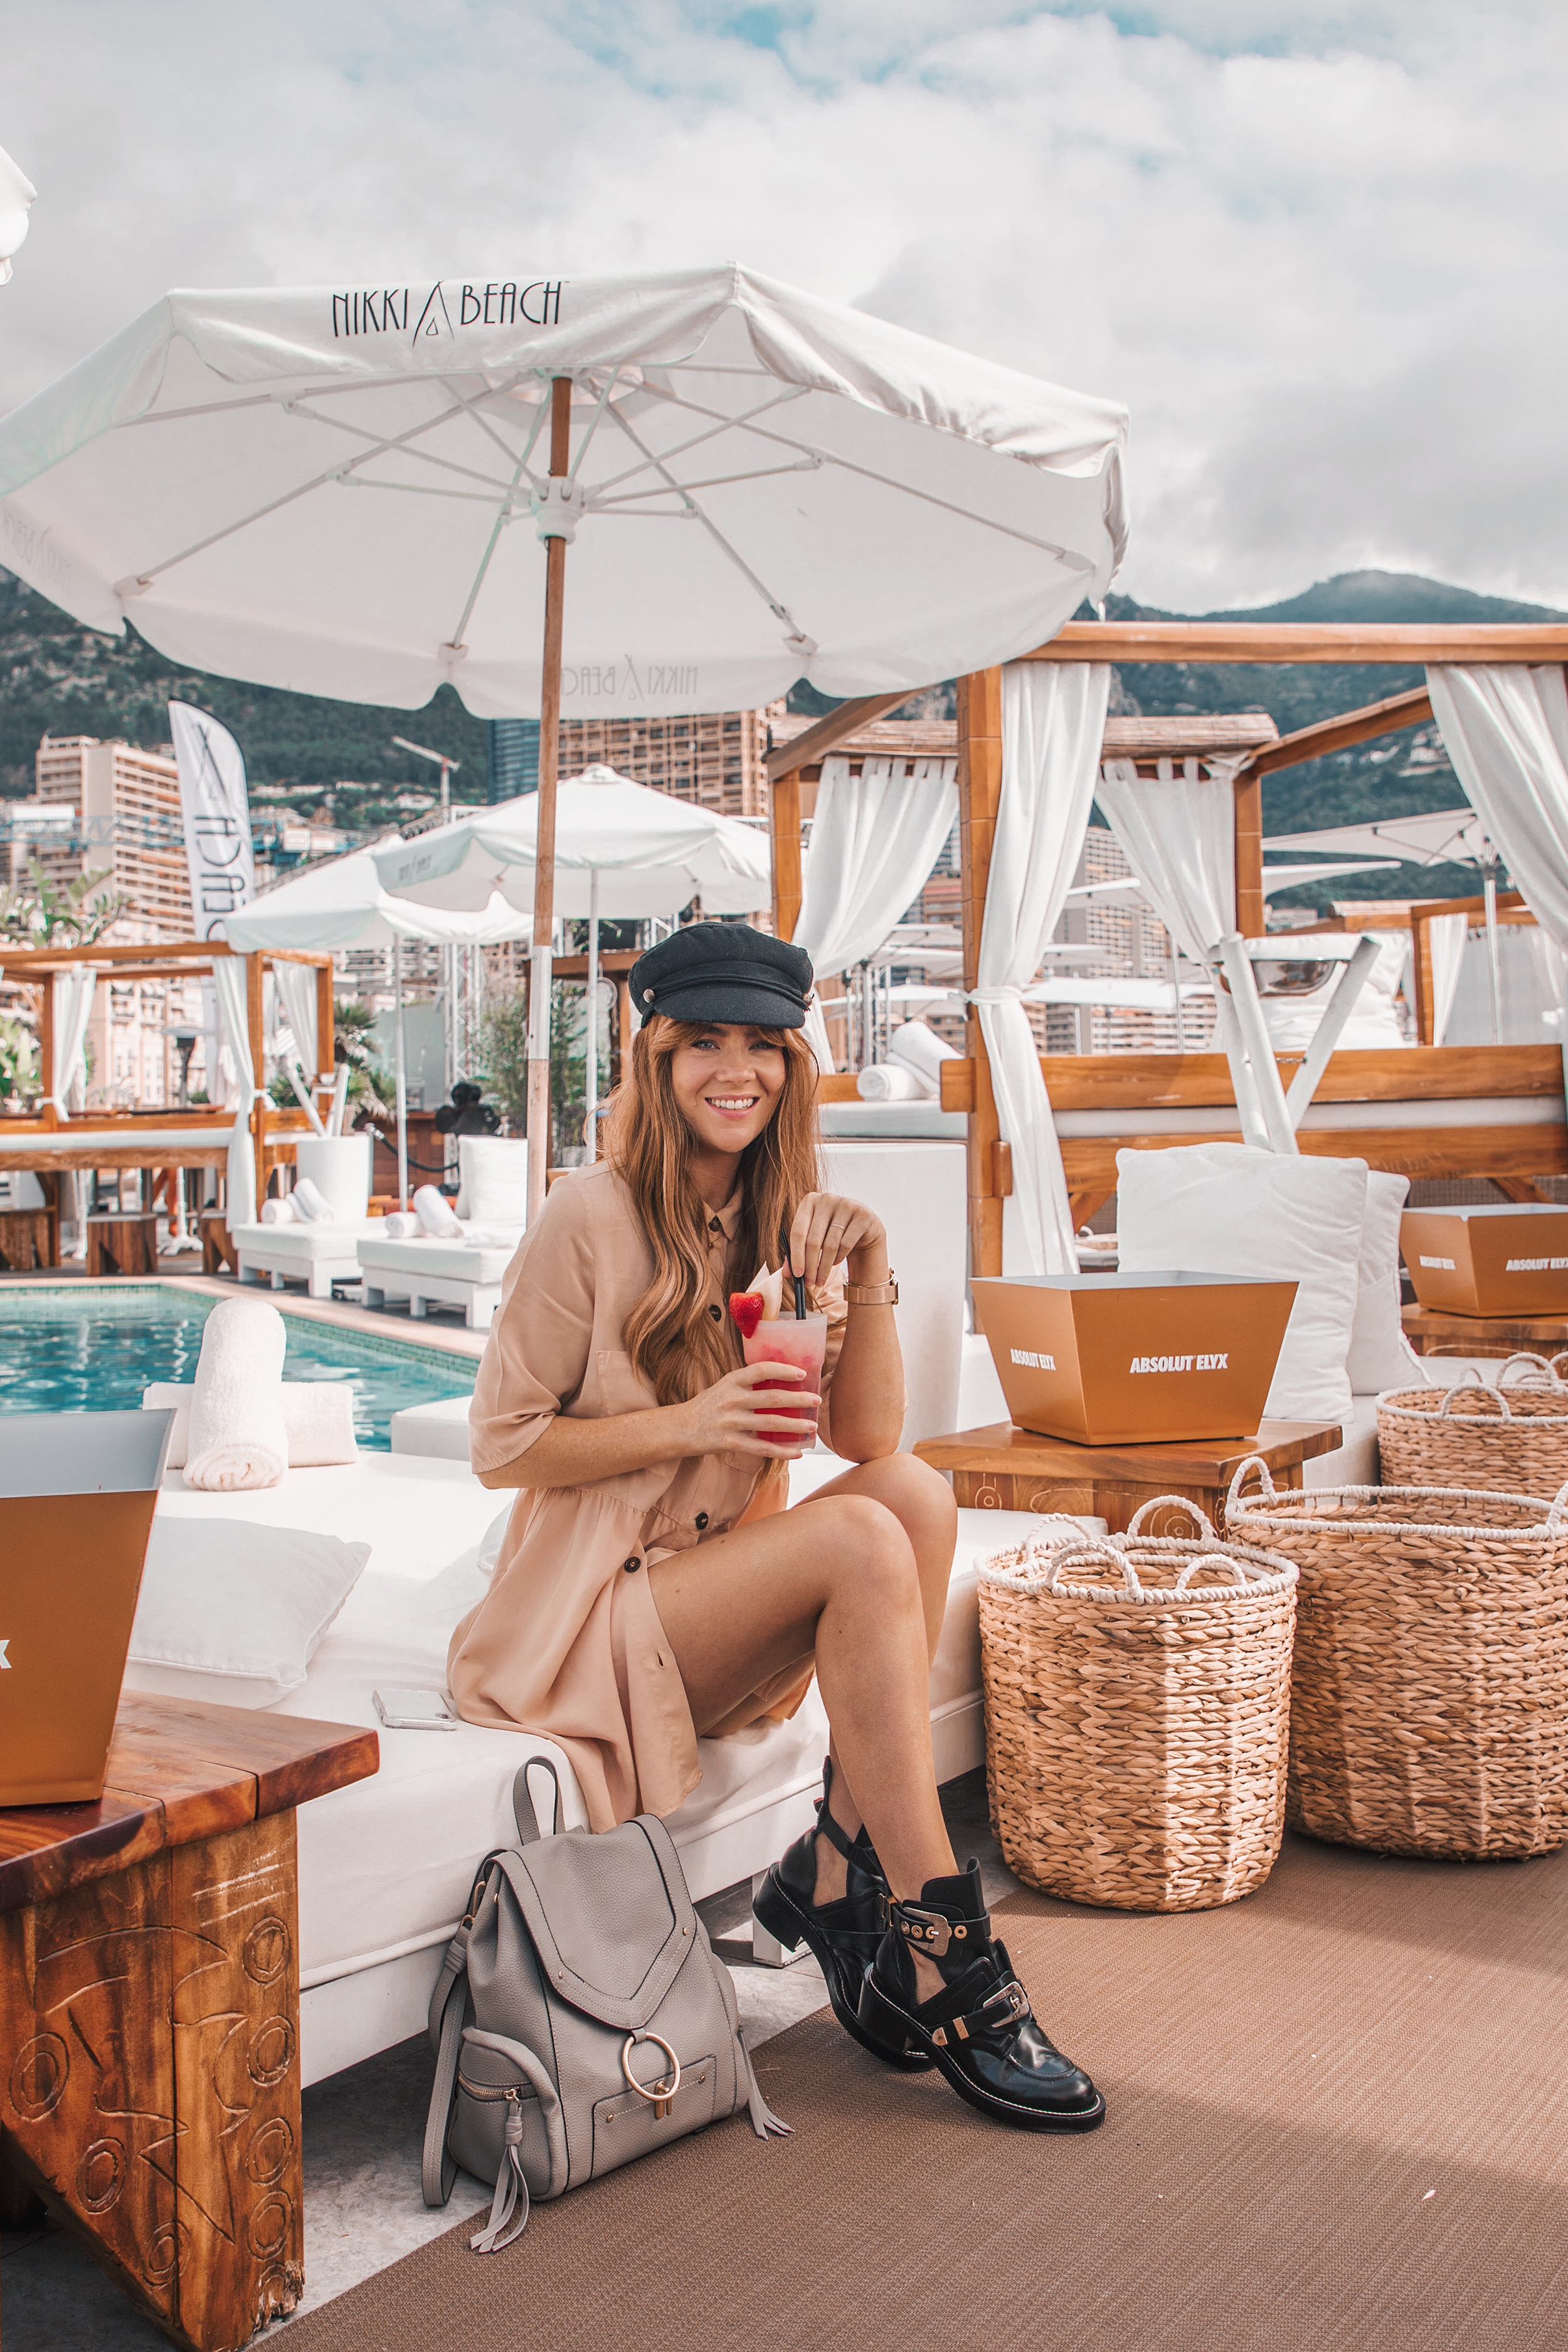 fairmont-hotels-monte-carlo_nikki-beach_10.jpg